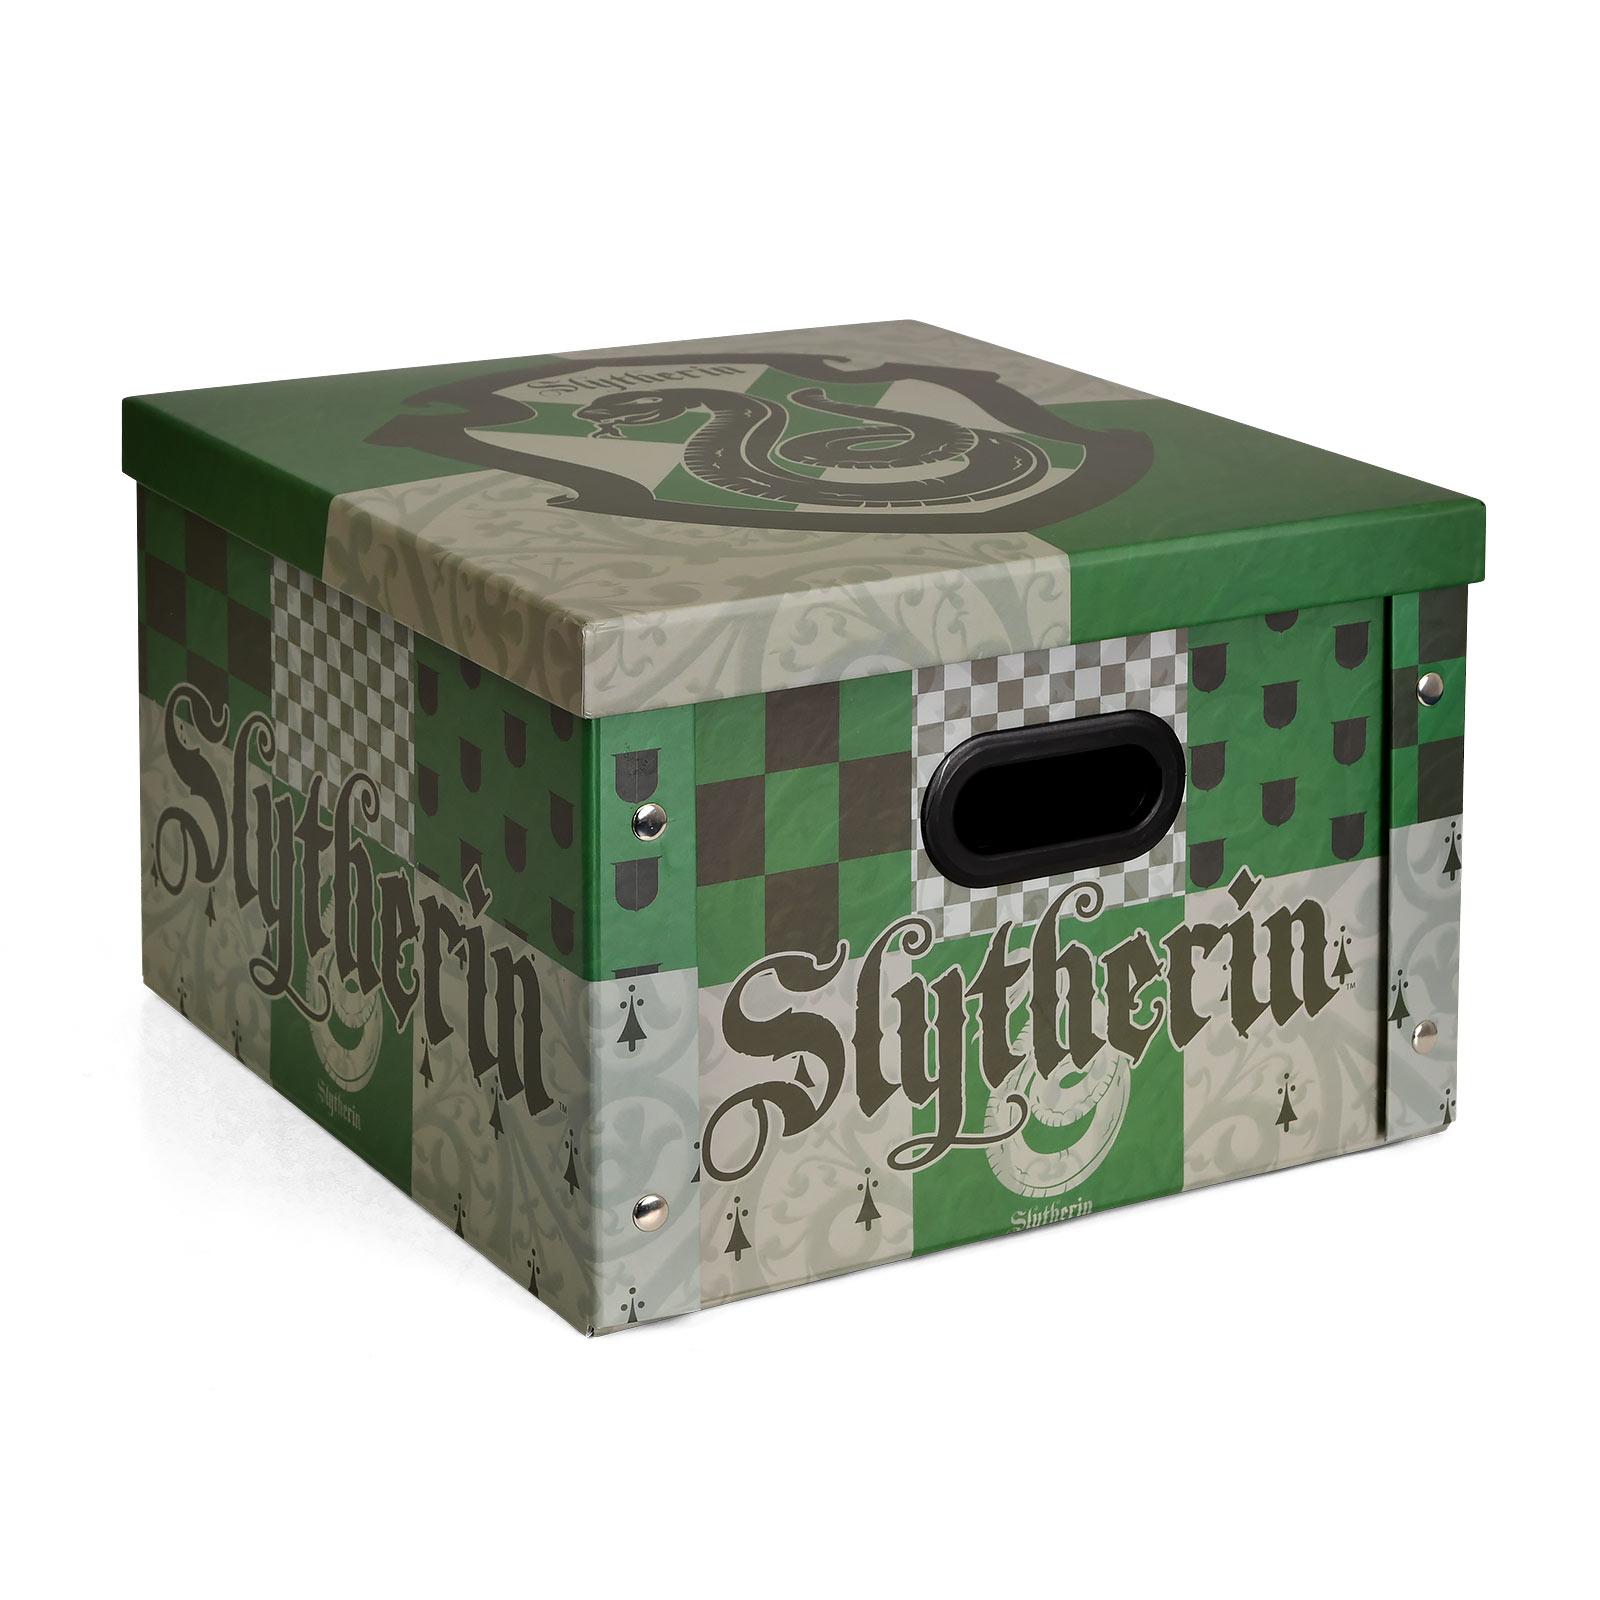 Harry Potter - Slytherin Aufbewahrungsbox